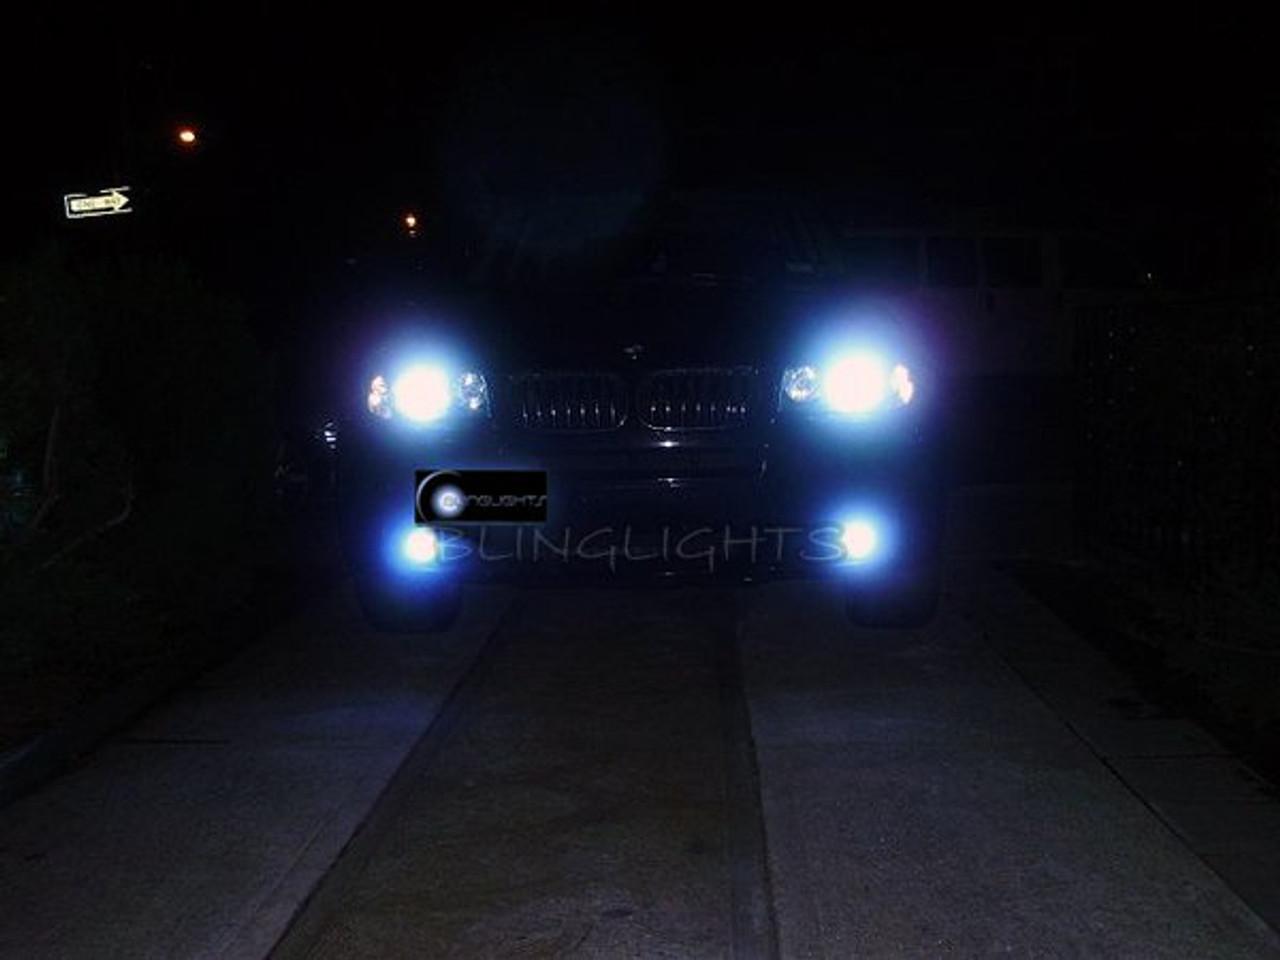 Bmw X3 E83 F25 Xenon Hid Conversion Kit For Headlamps Headlights Head Lamps Hids Lights Blinglights Com